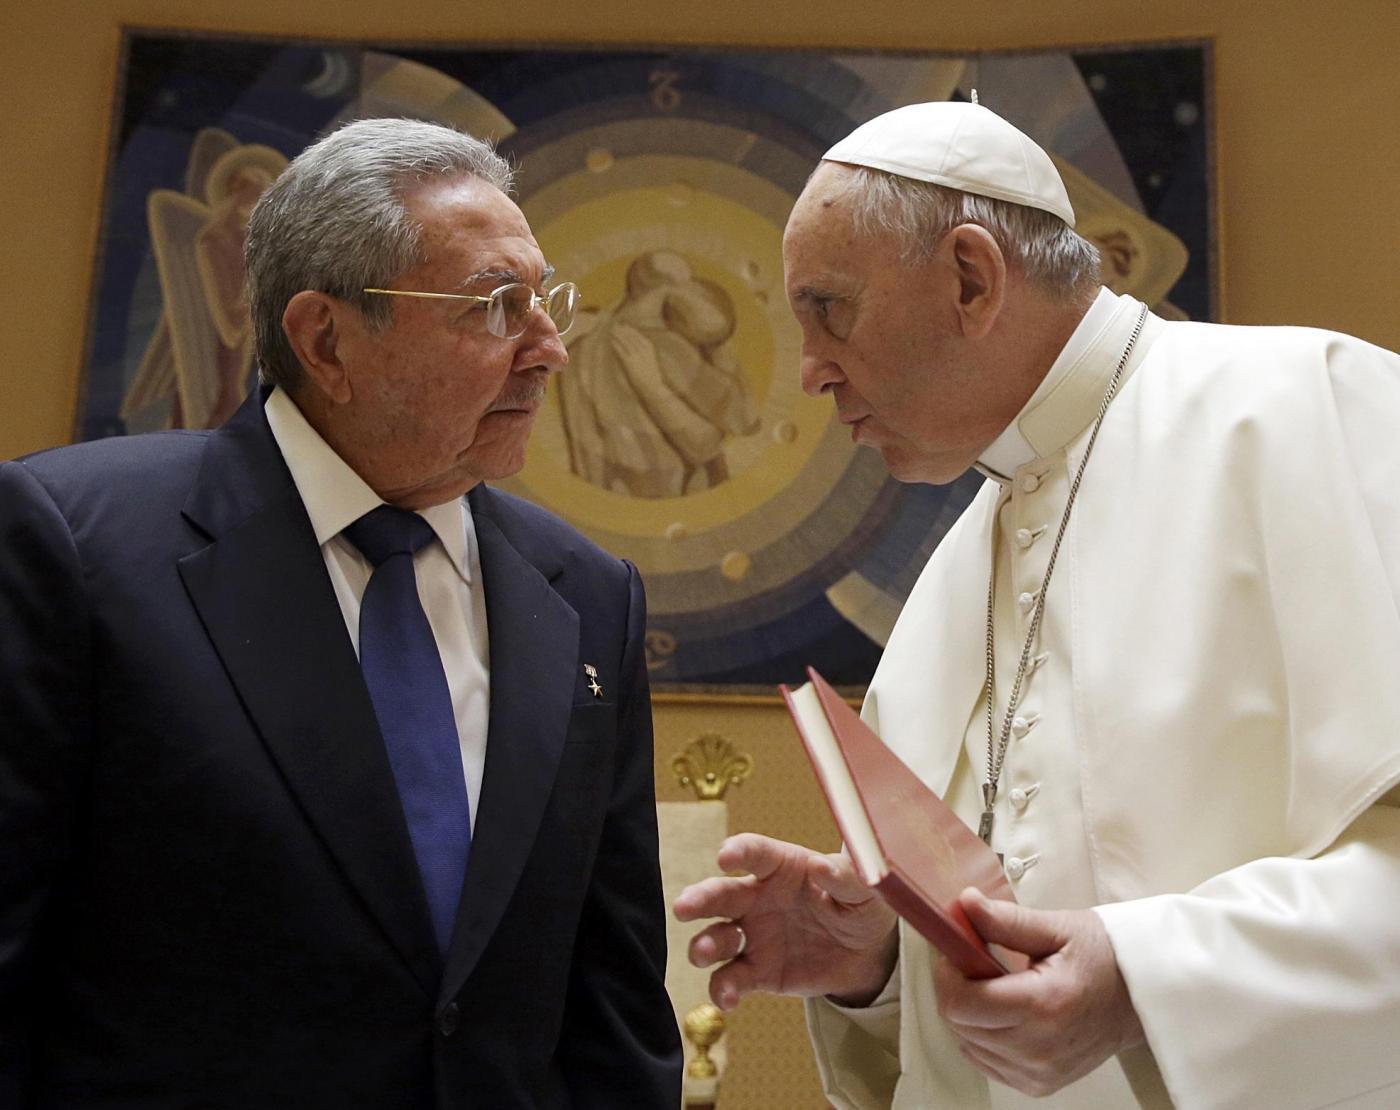 Raul Castro incontra papa Francesco e Renzi: toni cordiali in vista di future collaborazioni